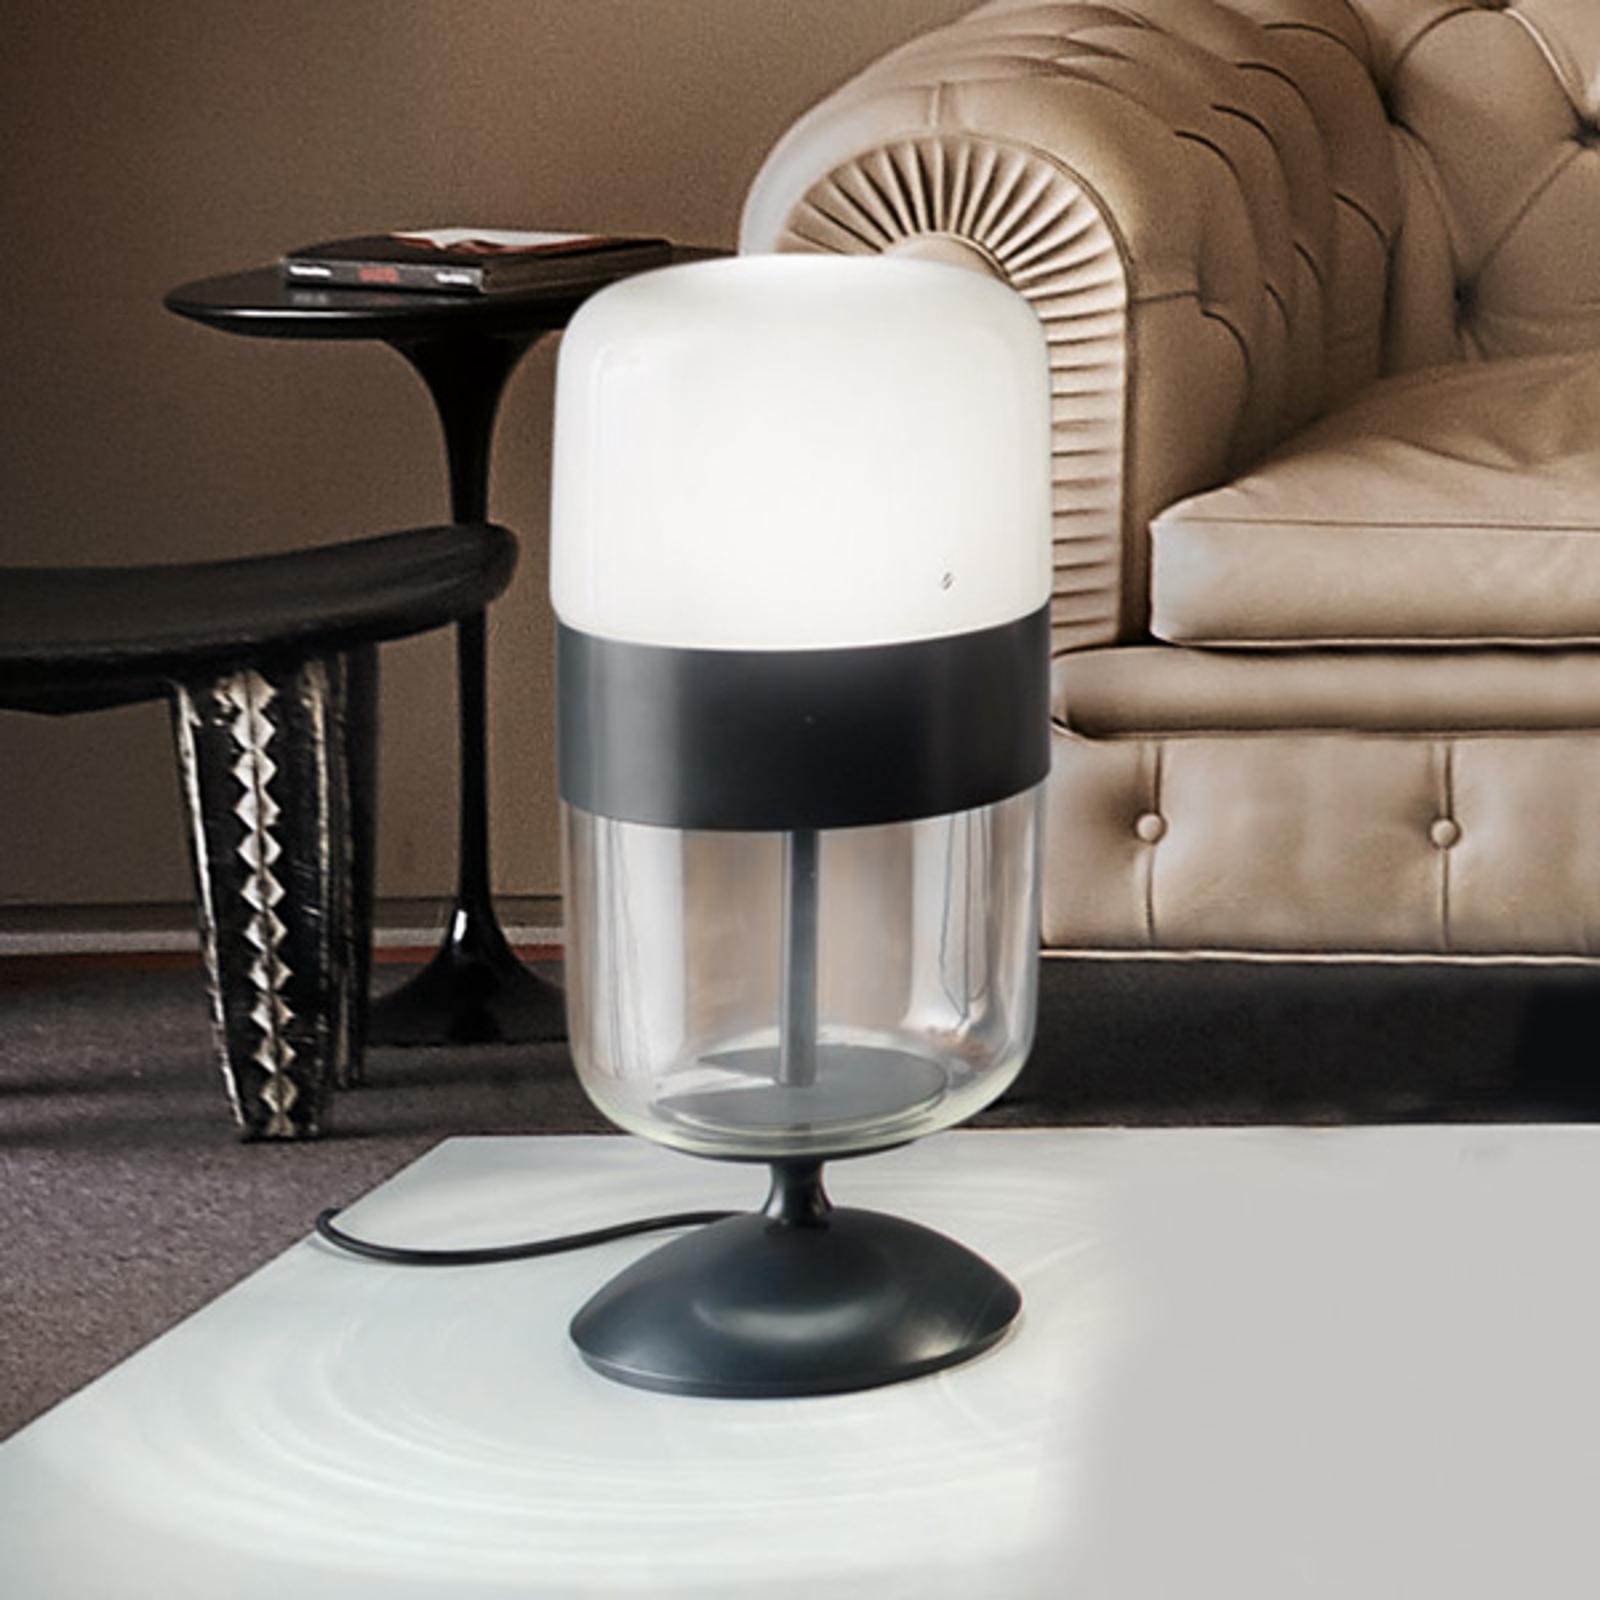 Tafellamp Futura van Muranoglas, 48 cm hoog